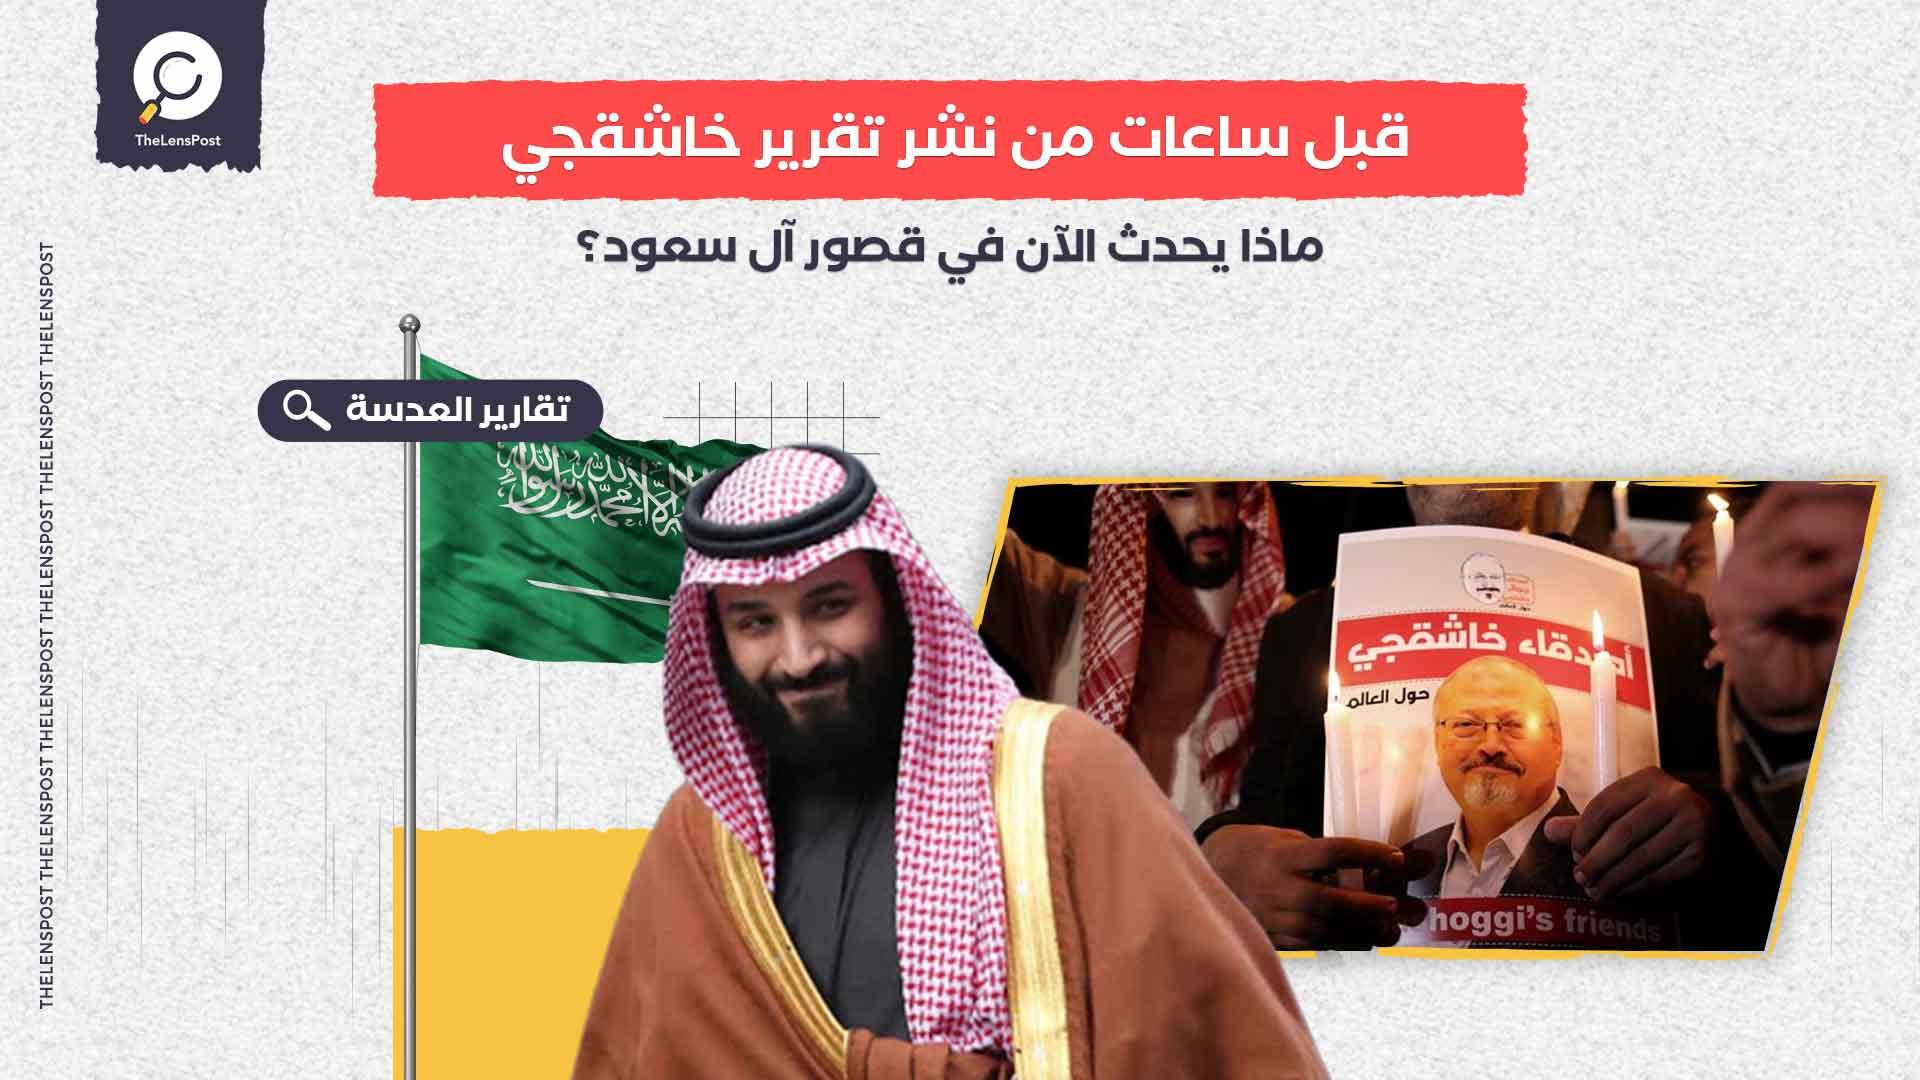 قبل ساعات من نشر تقرير خاشقجي.. ماذا يحدث الآن في قصور آل سعود؟